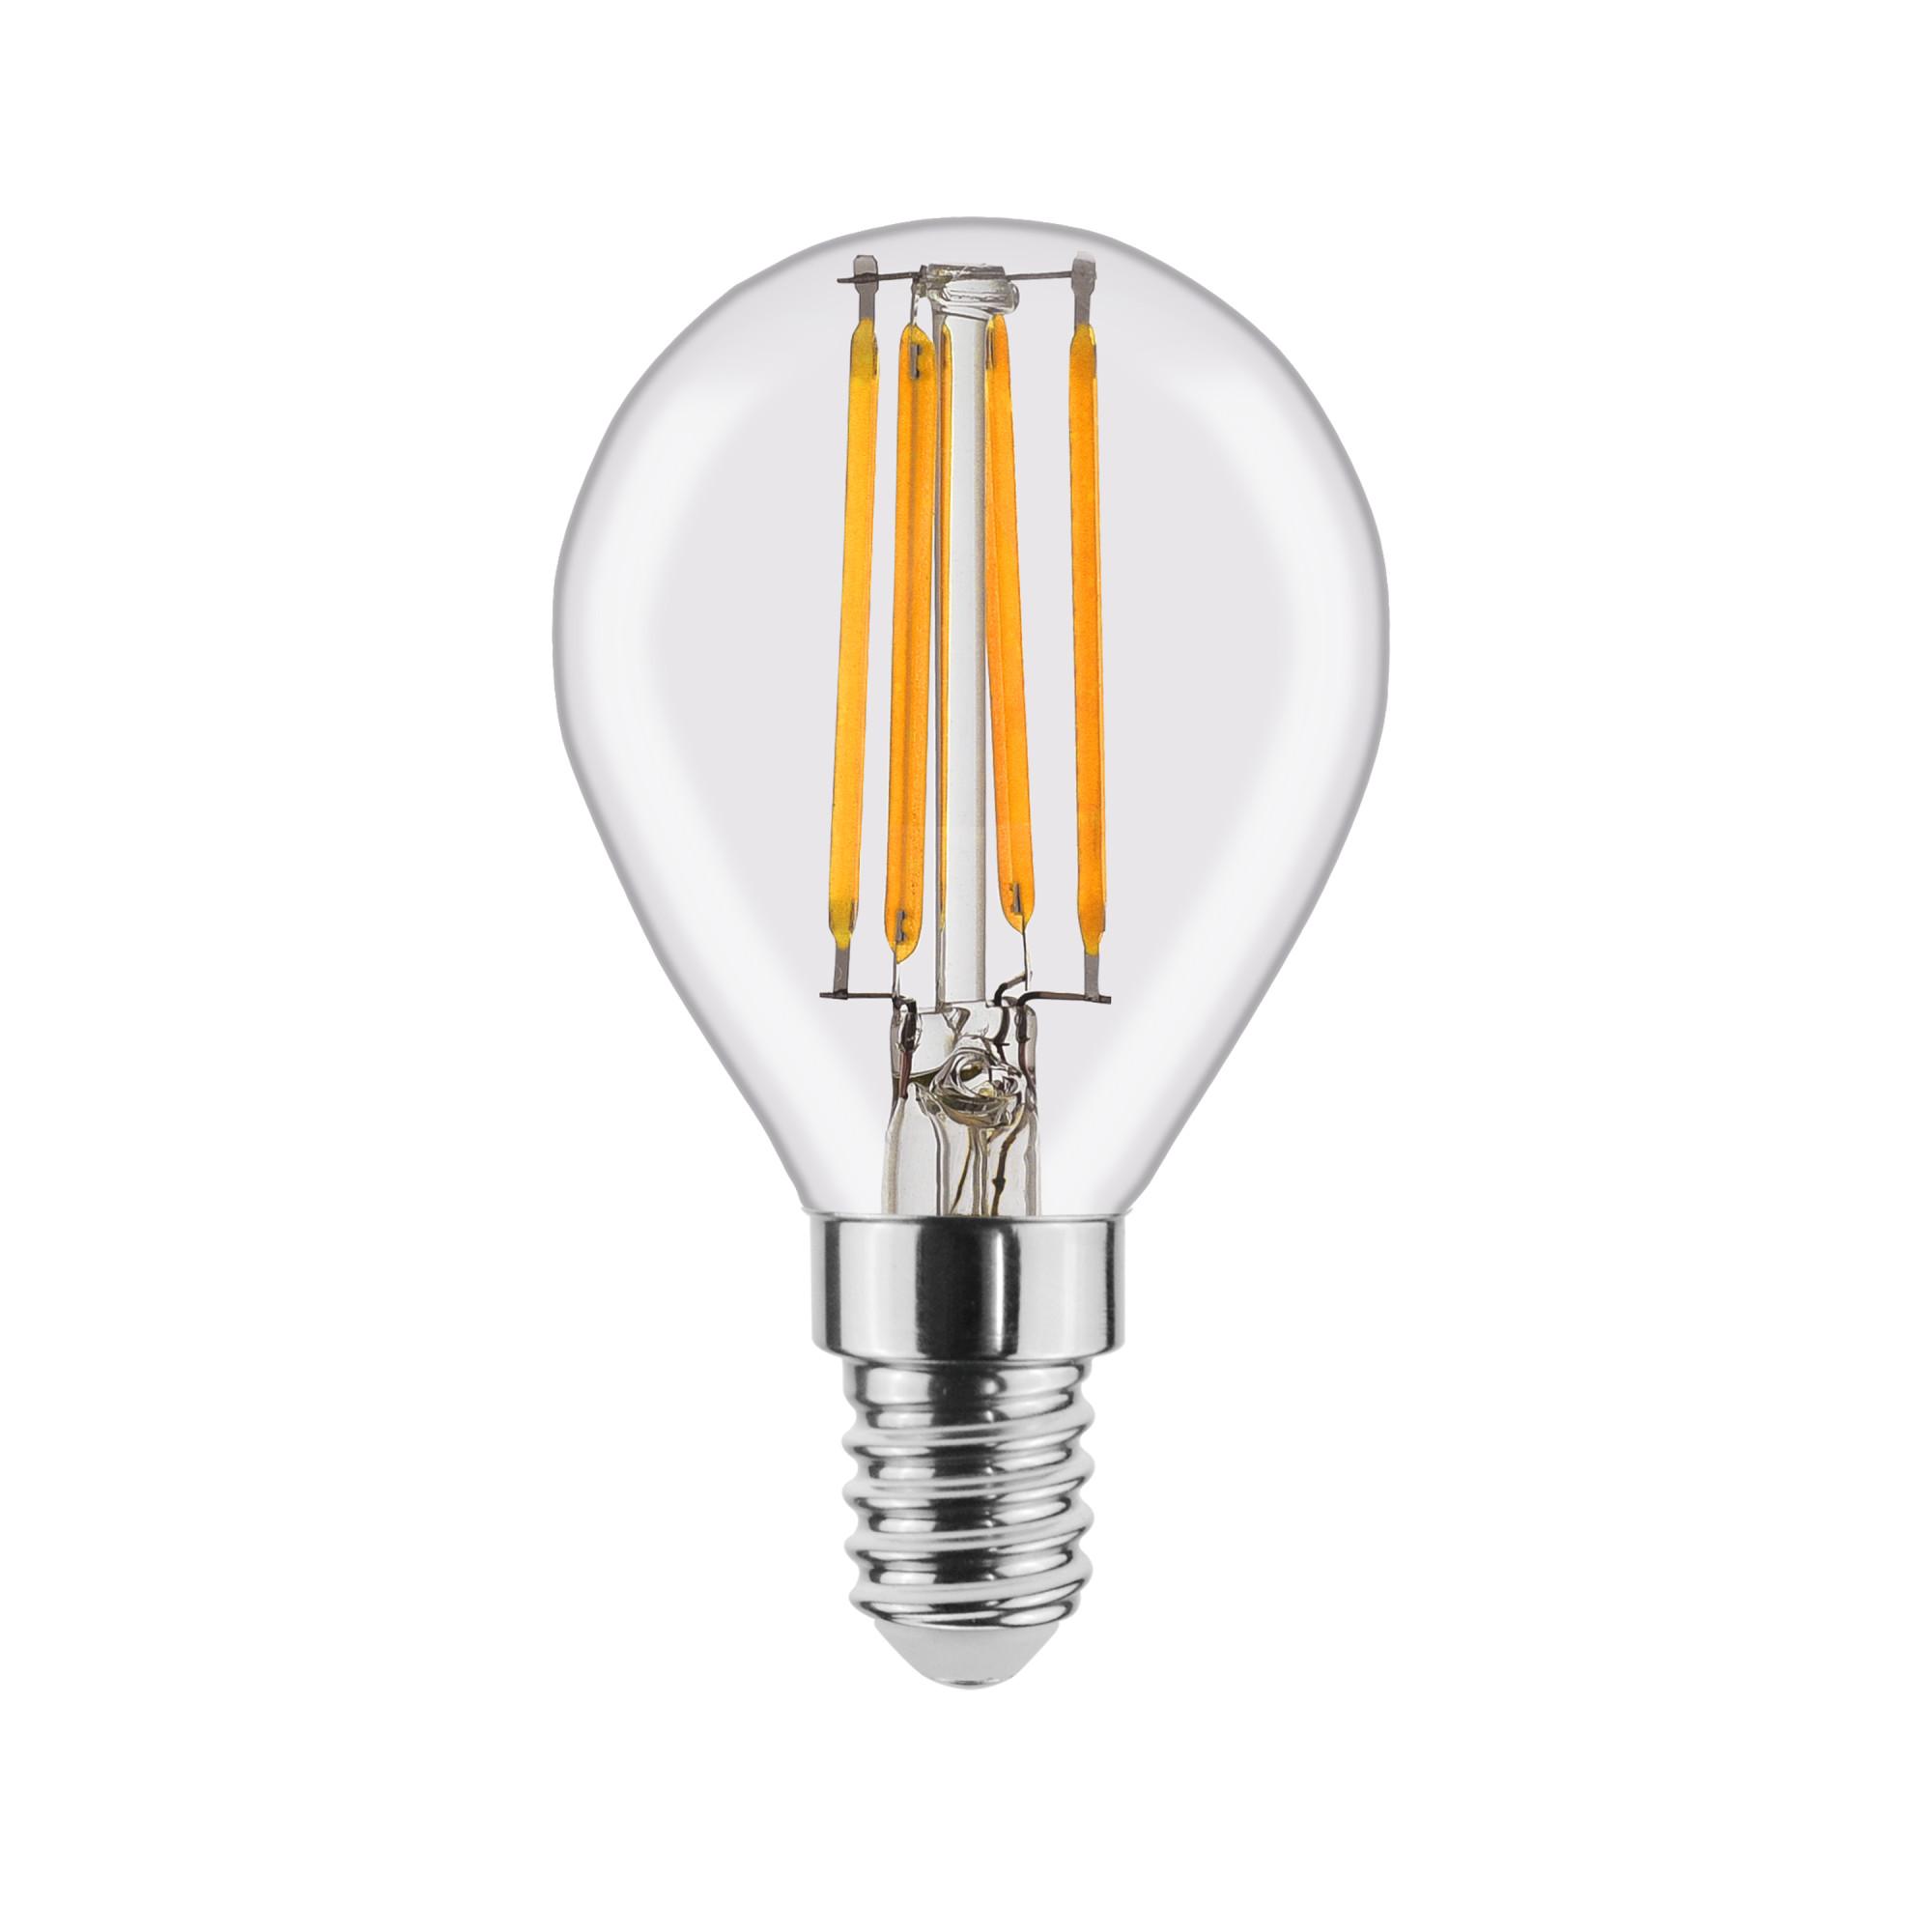 Лампа светодиодная филаментная Lexman E14 220 В 4.5 Вт шар прозрачный 470 лм тёплый белый свет